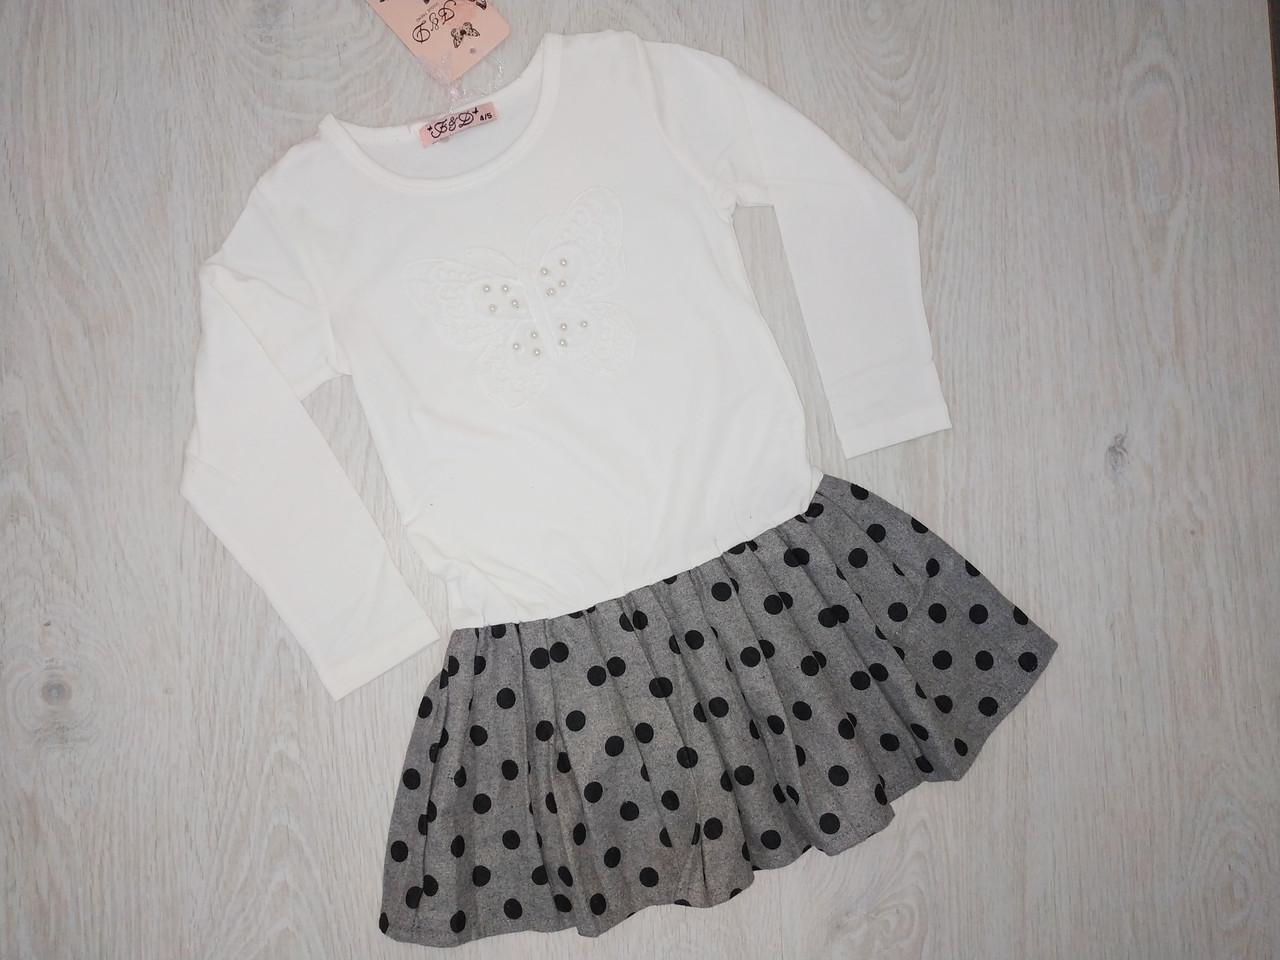 Платье для девочек микро-флис, Венгрия, F&D, арт. 9651, 98-116 см